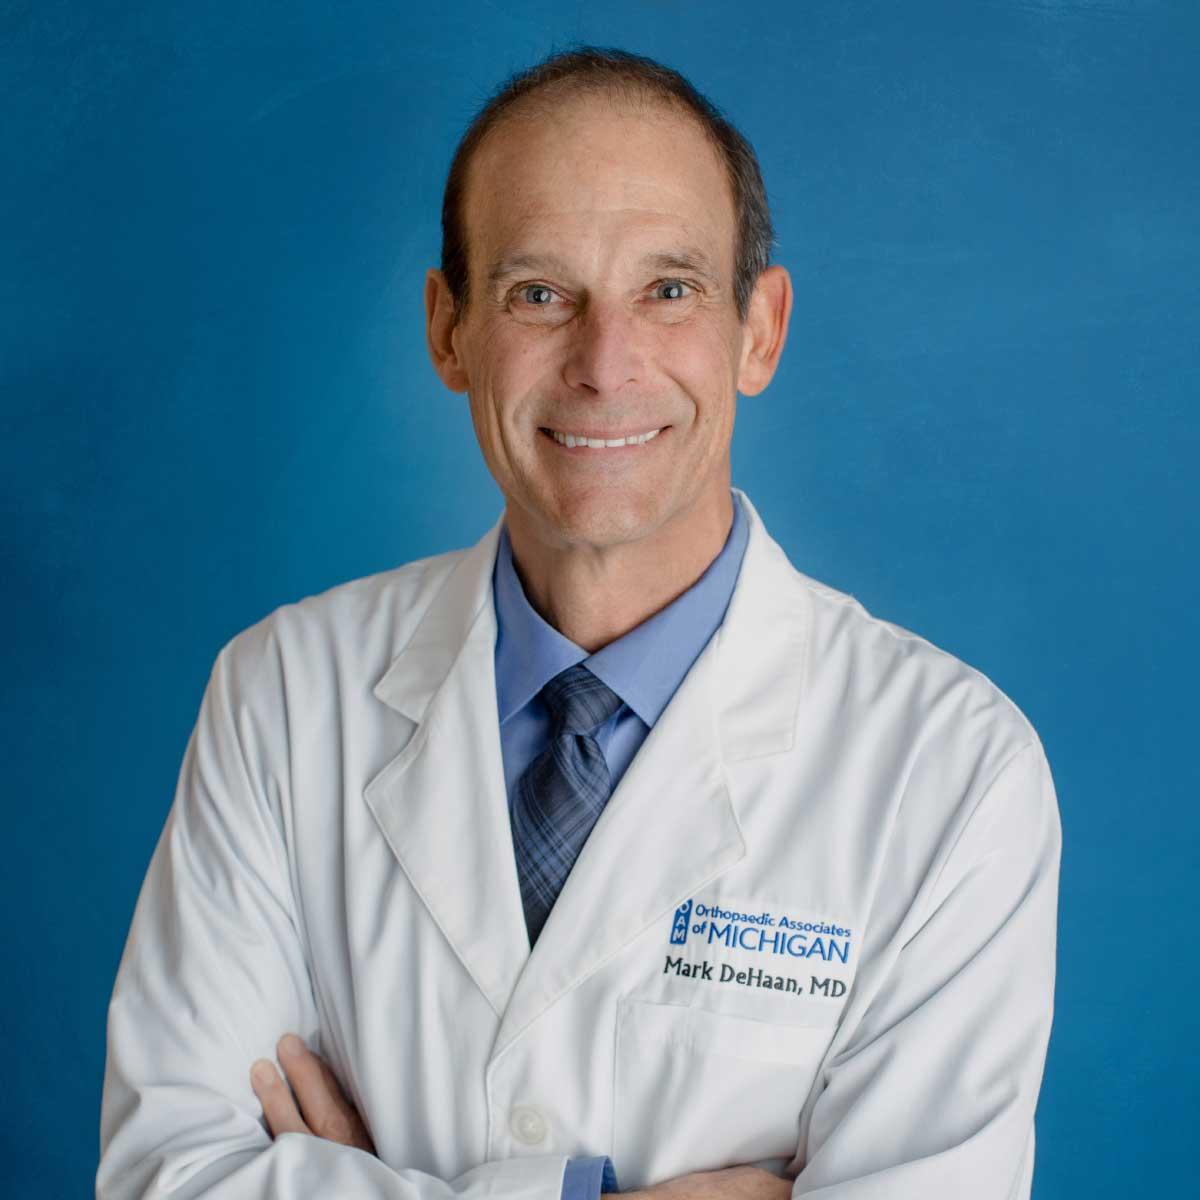 Mark DeHaan, MD